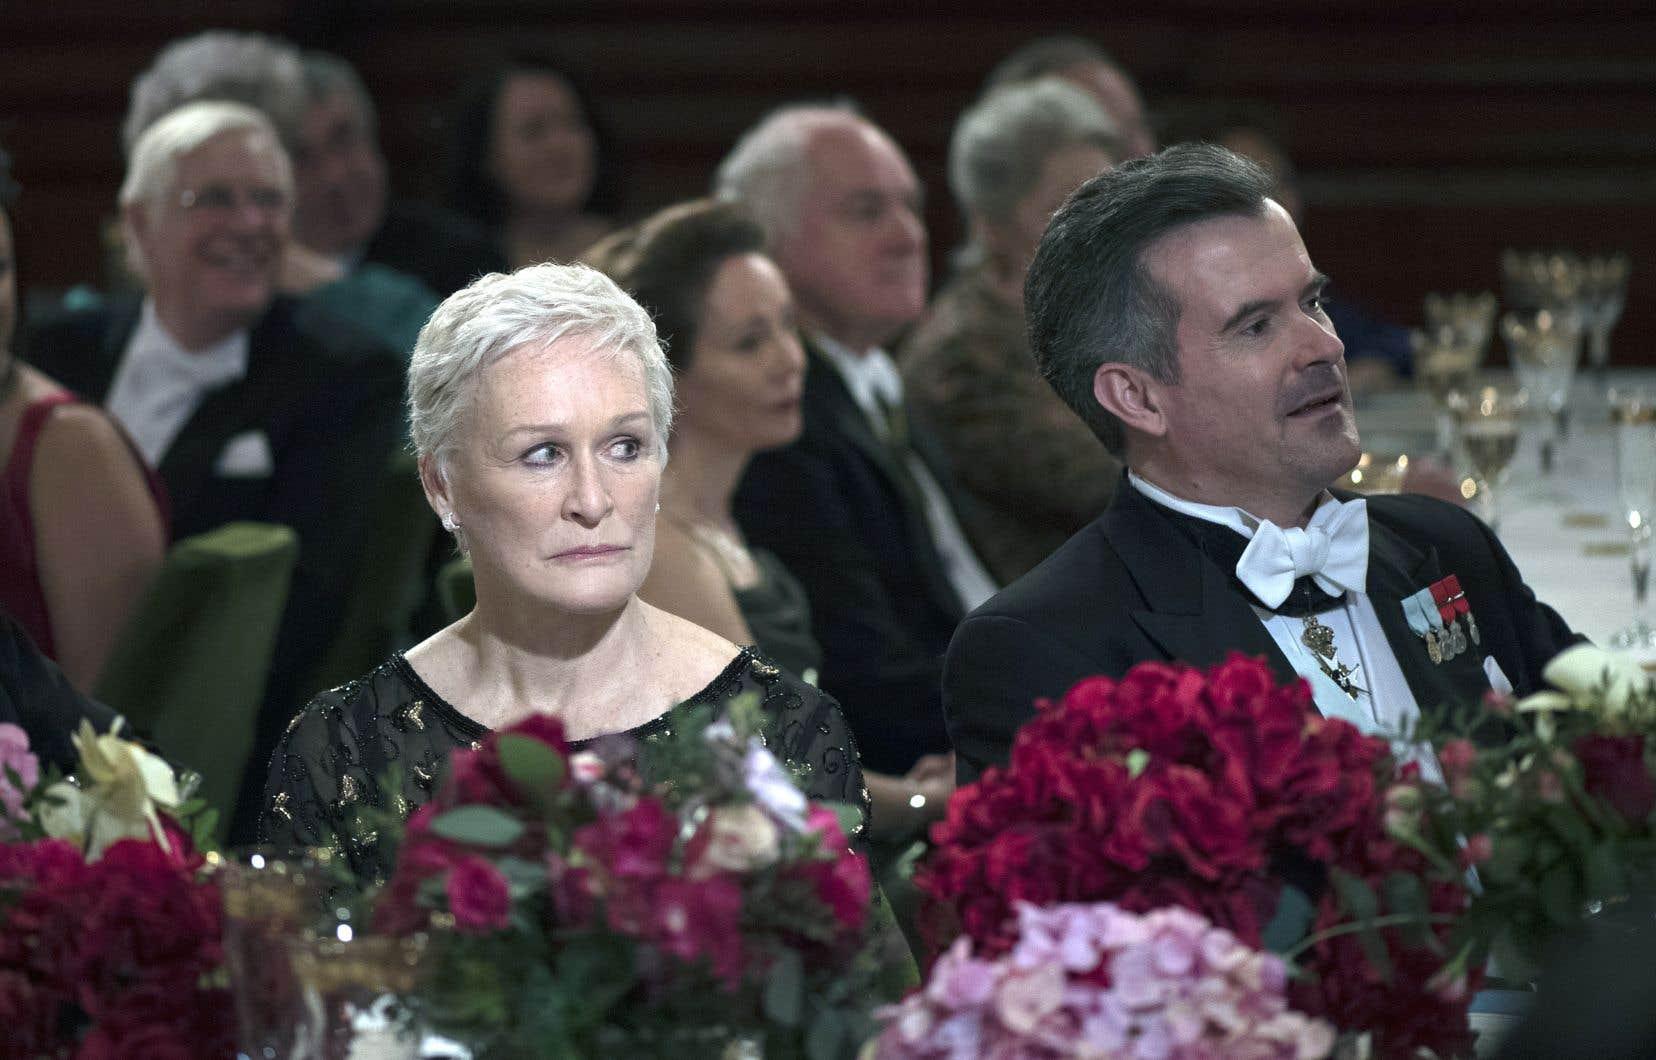 À la réalisation, Björn Runge s'en remet presque exclusivement au talent de Glenn Close. Filmé en gros, à répétition, le visage de l'actrice tient souvent lieu de «mise en scène».